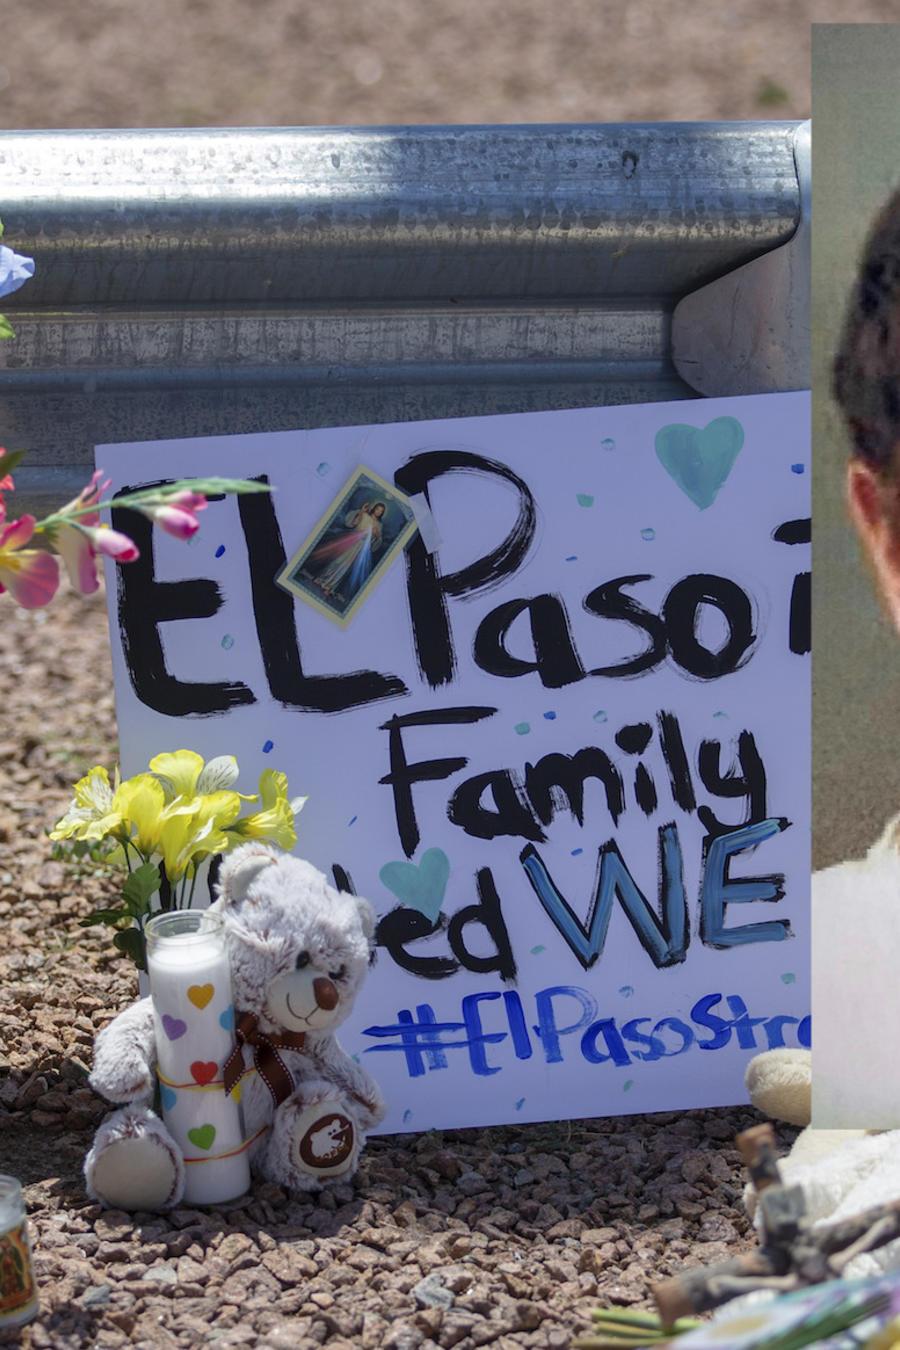 Unas flores y una imagen de la Virgen de Guadalupe en honor a las víctimas de El Paso. A la derecha, Patrick Wood Crusius.